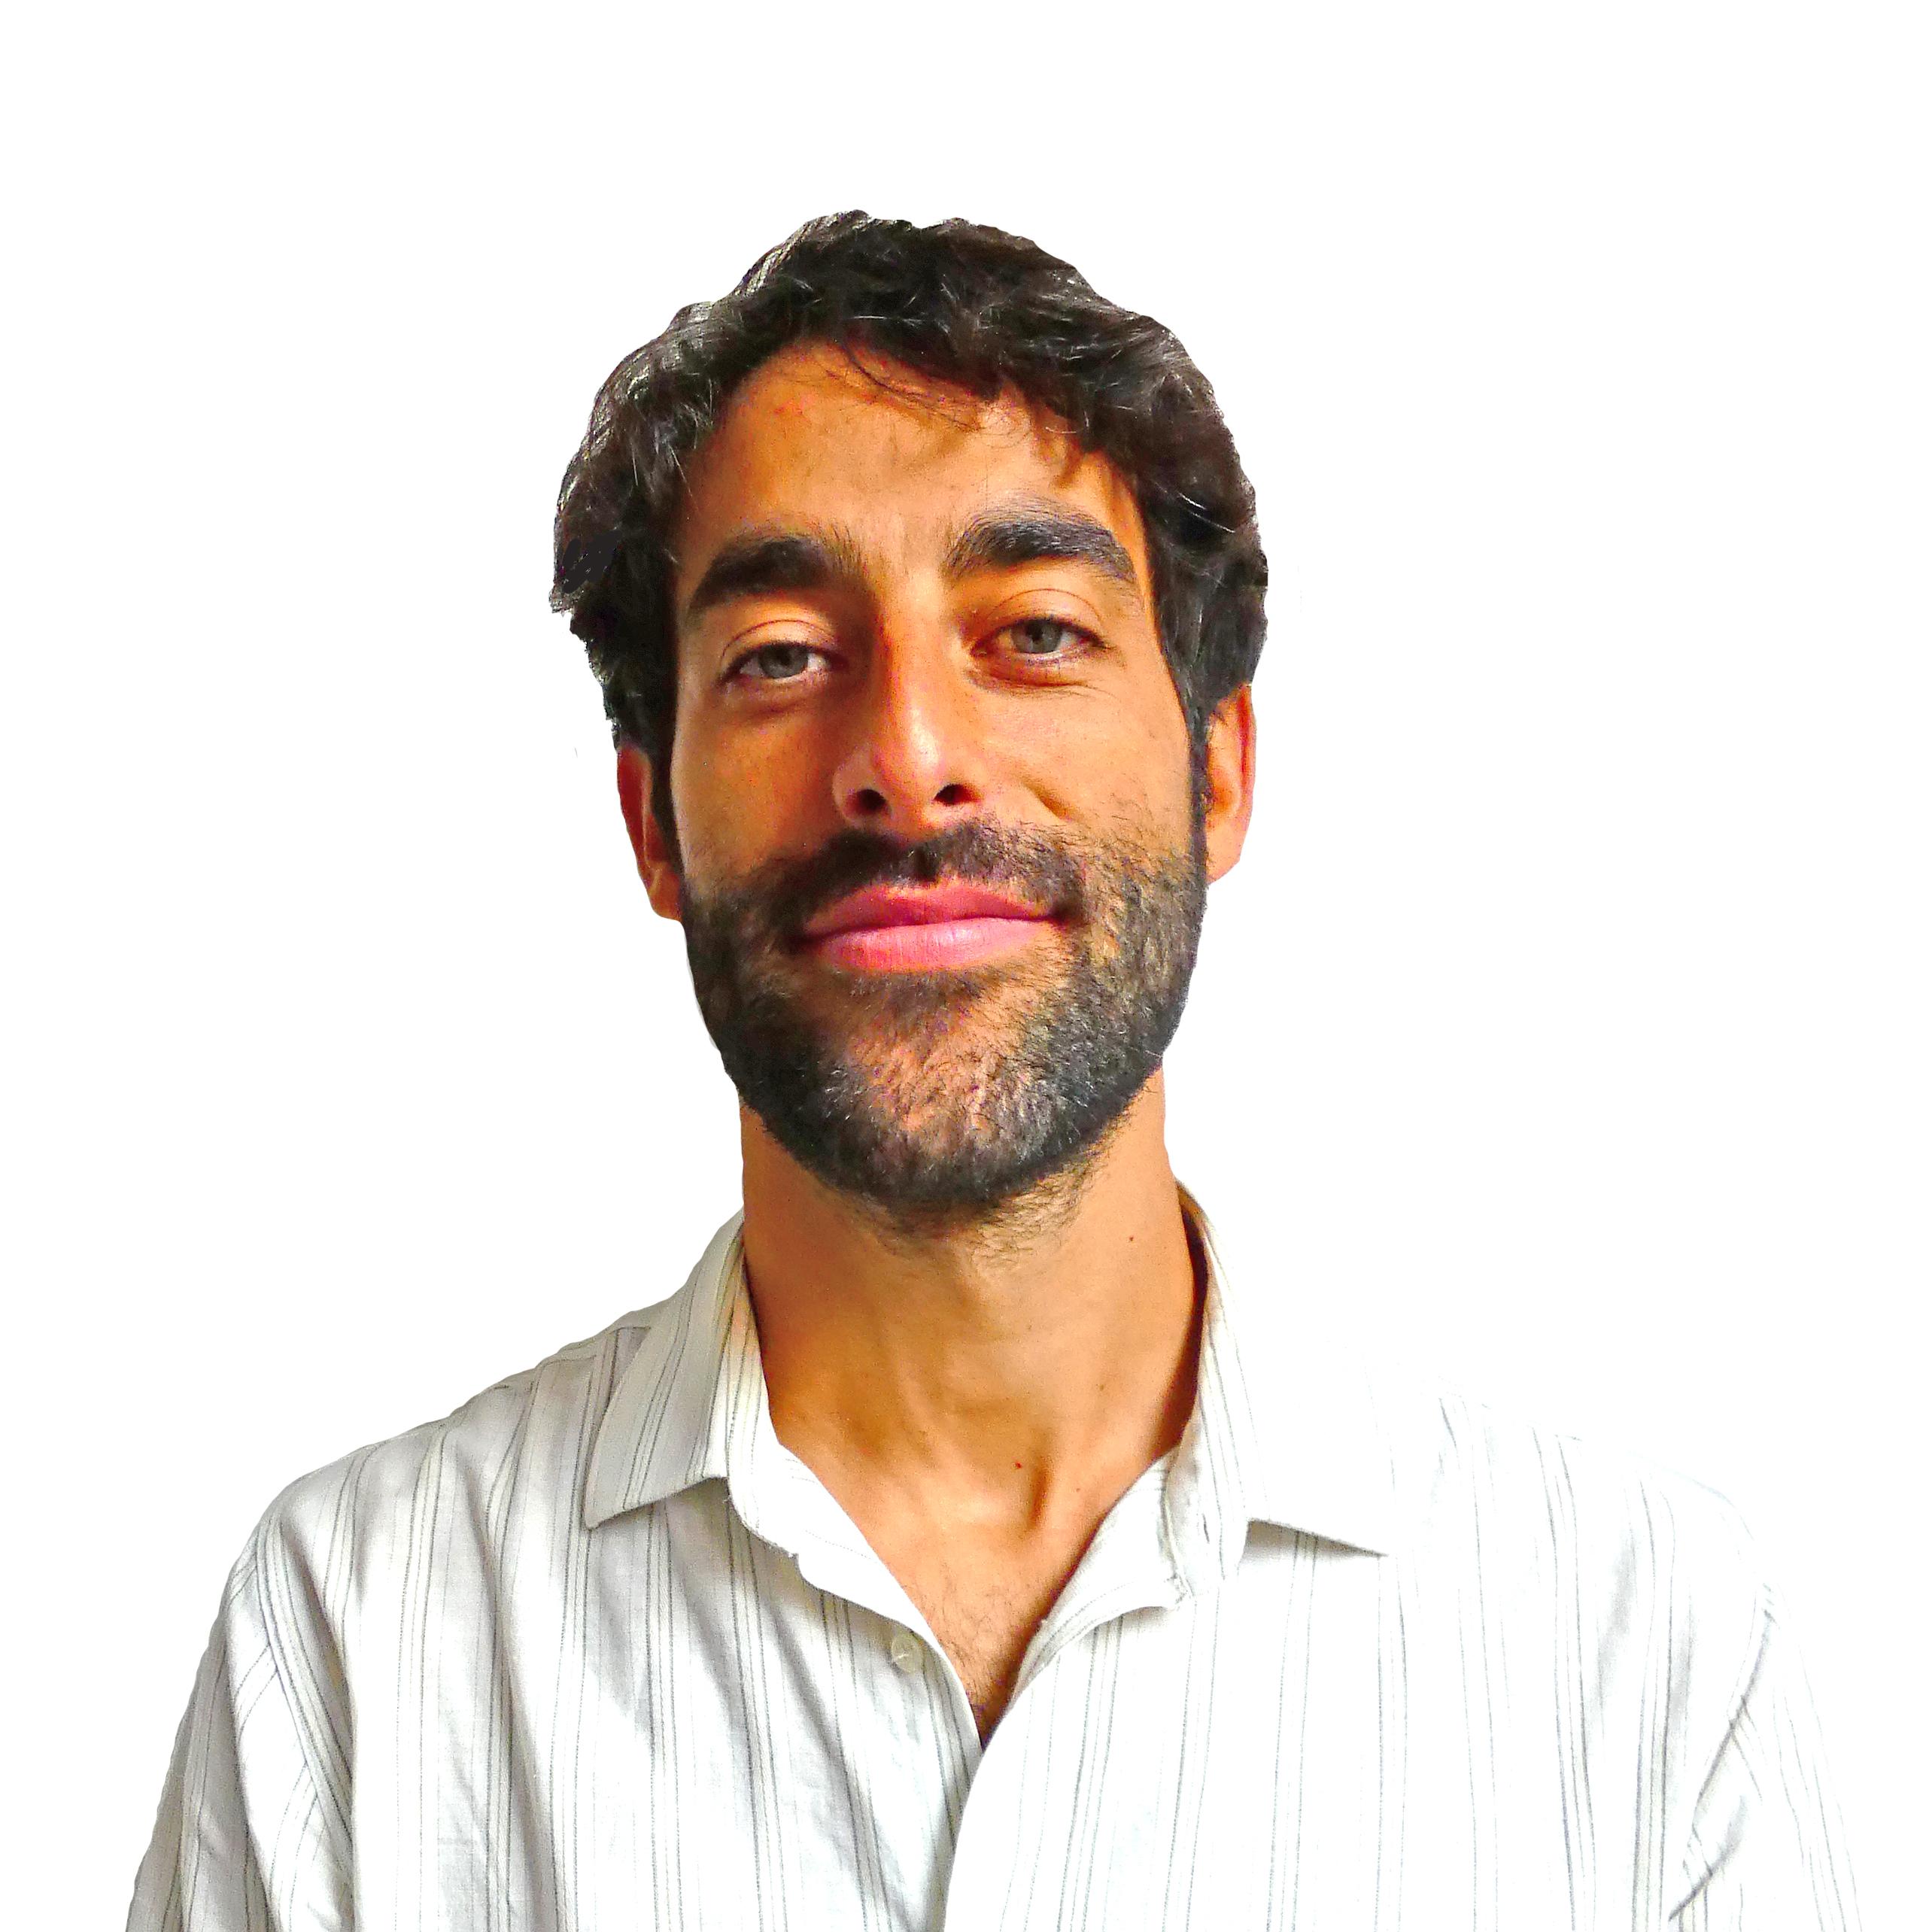 Matthew De Luca